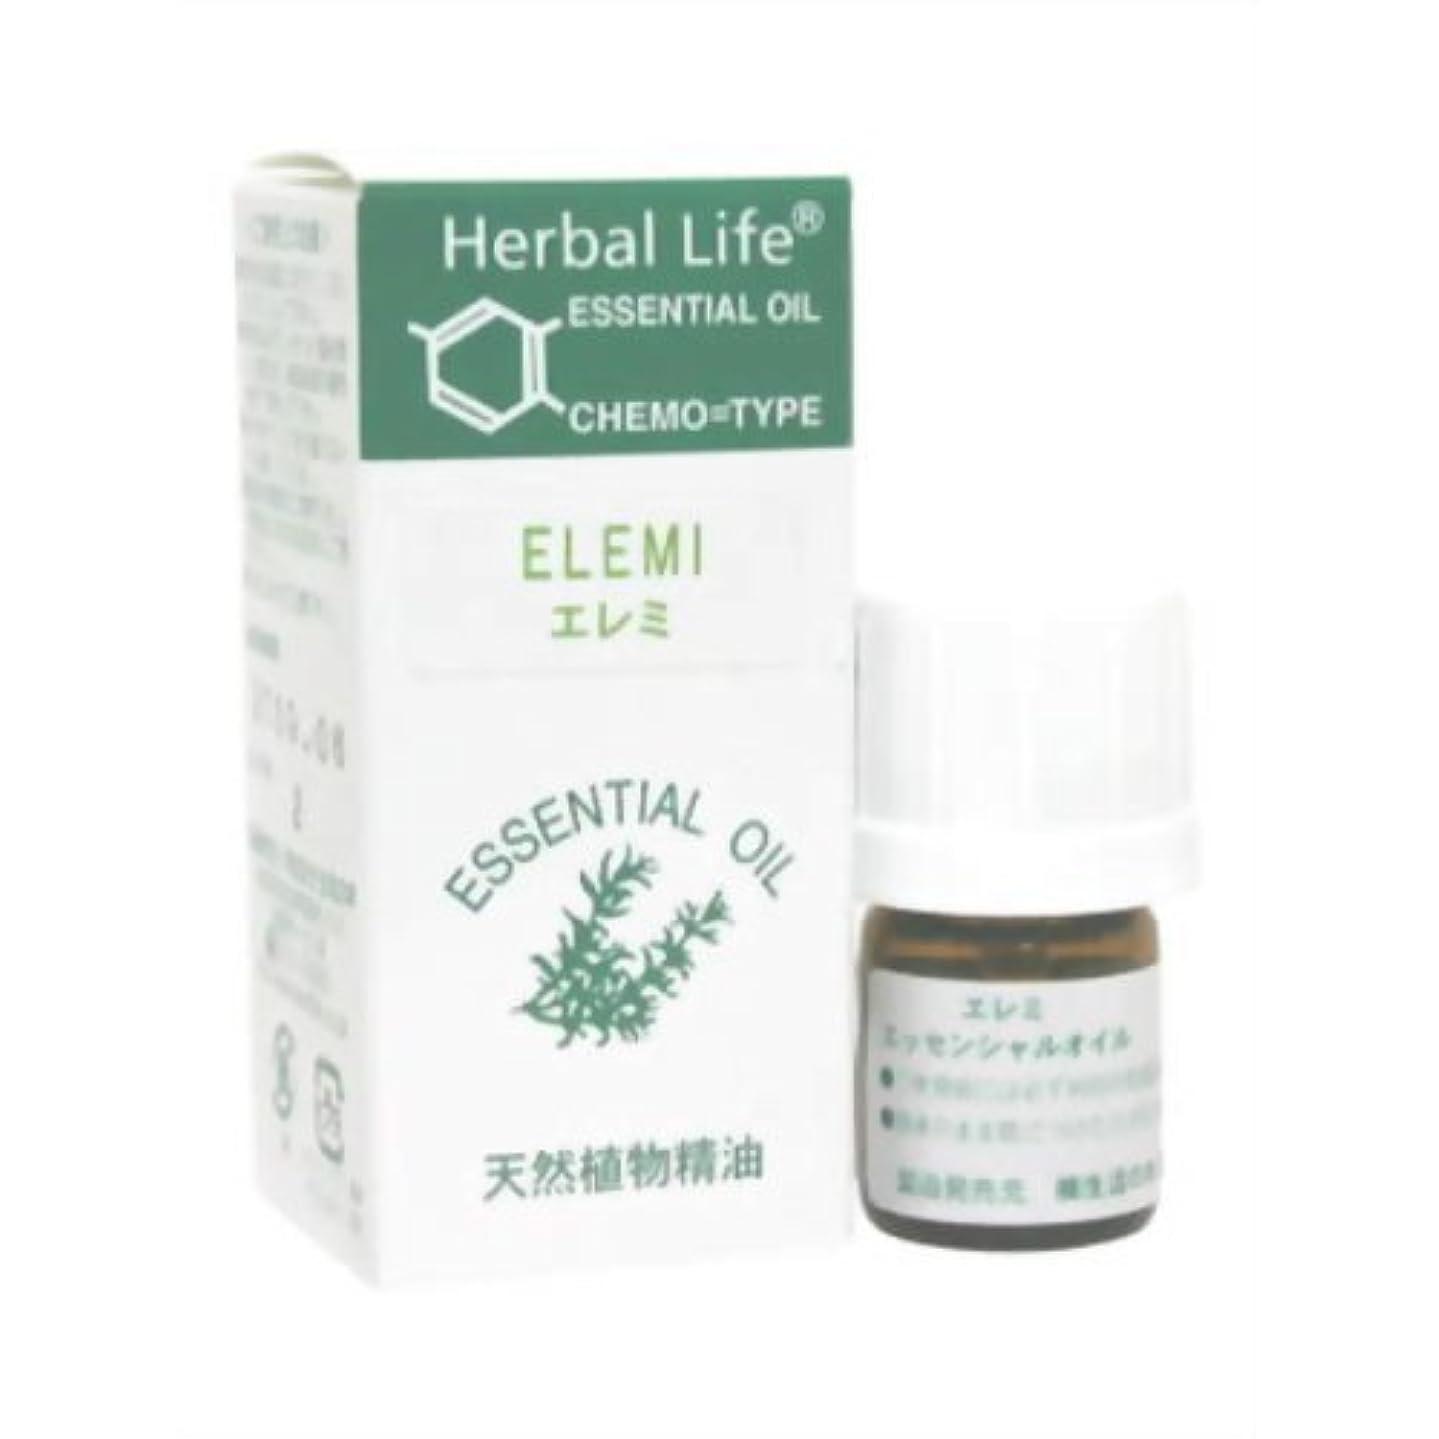 ビーム話スラッシュ生活の木 Herbal Life エレミ 3ml